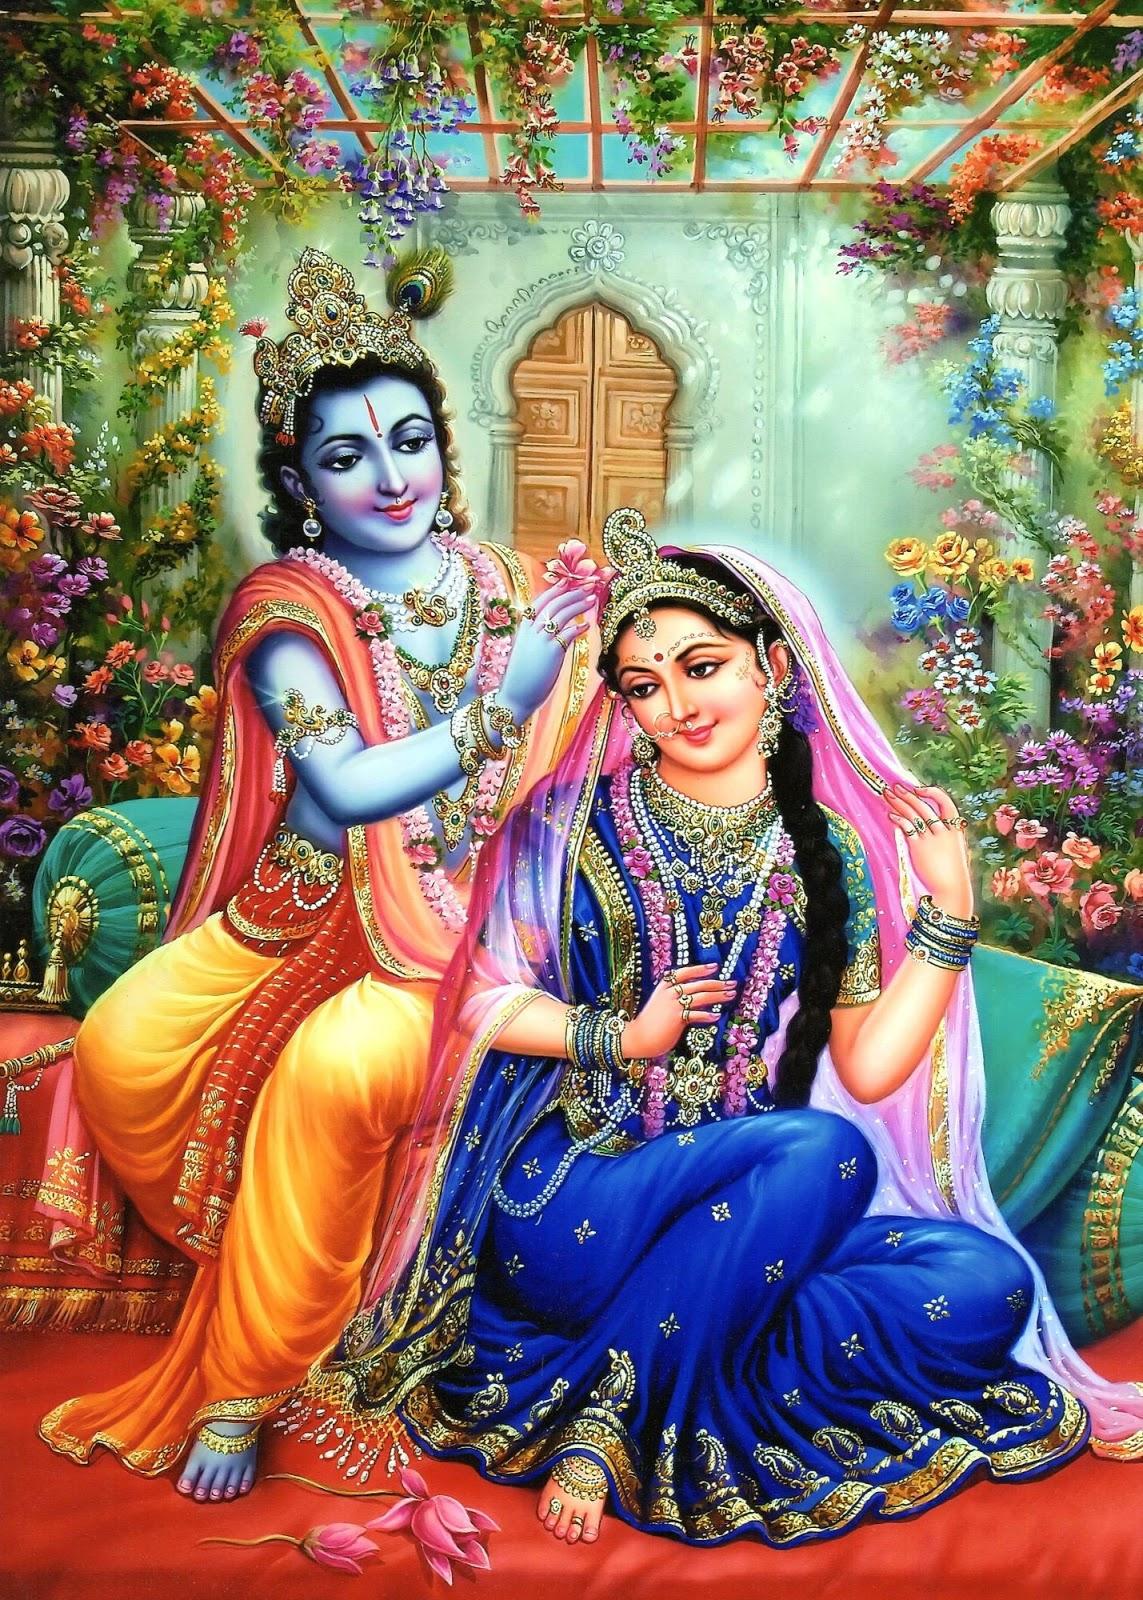 ರಾಧೆ ಮತ್ತು ಕೃಷ್ಣನ ಪ್ರೇಮಕಥೆ : Love Story of Radha Krishna in Kannada